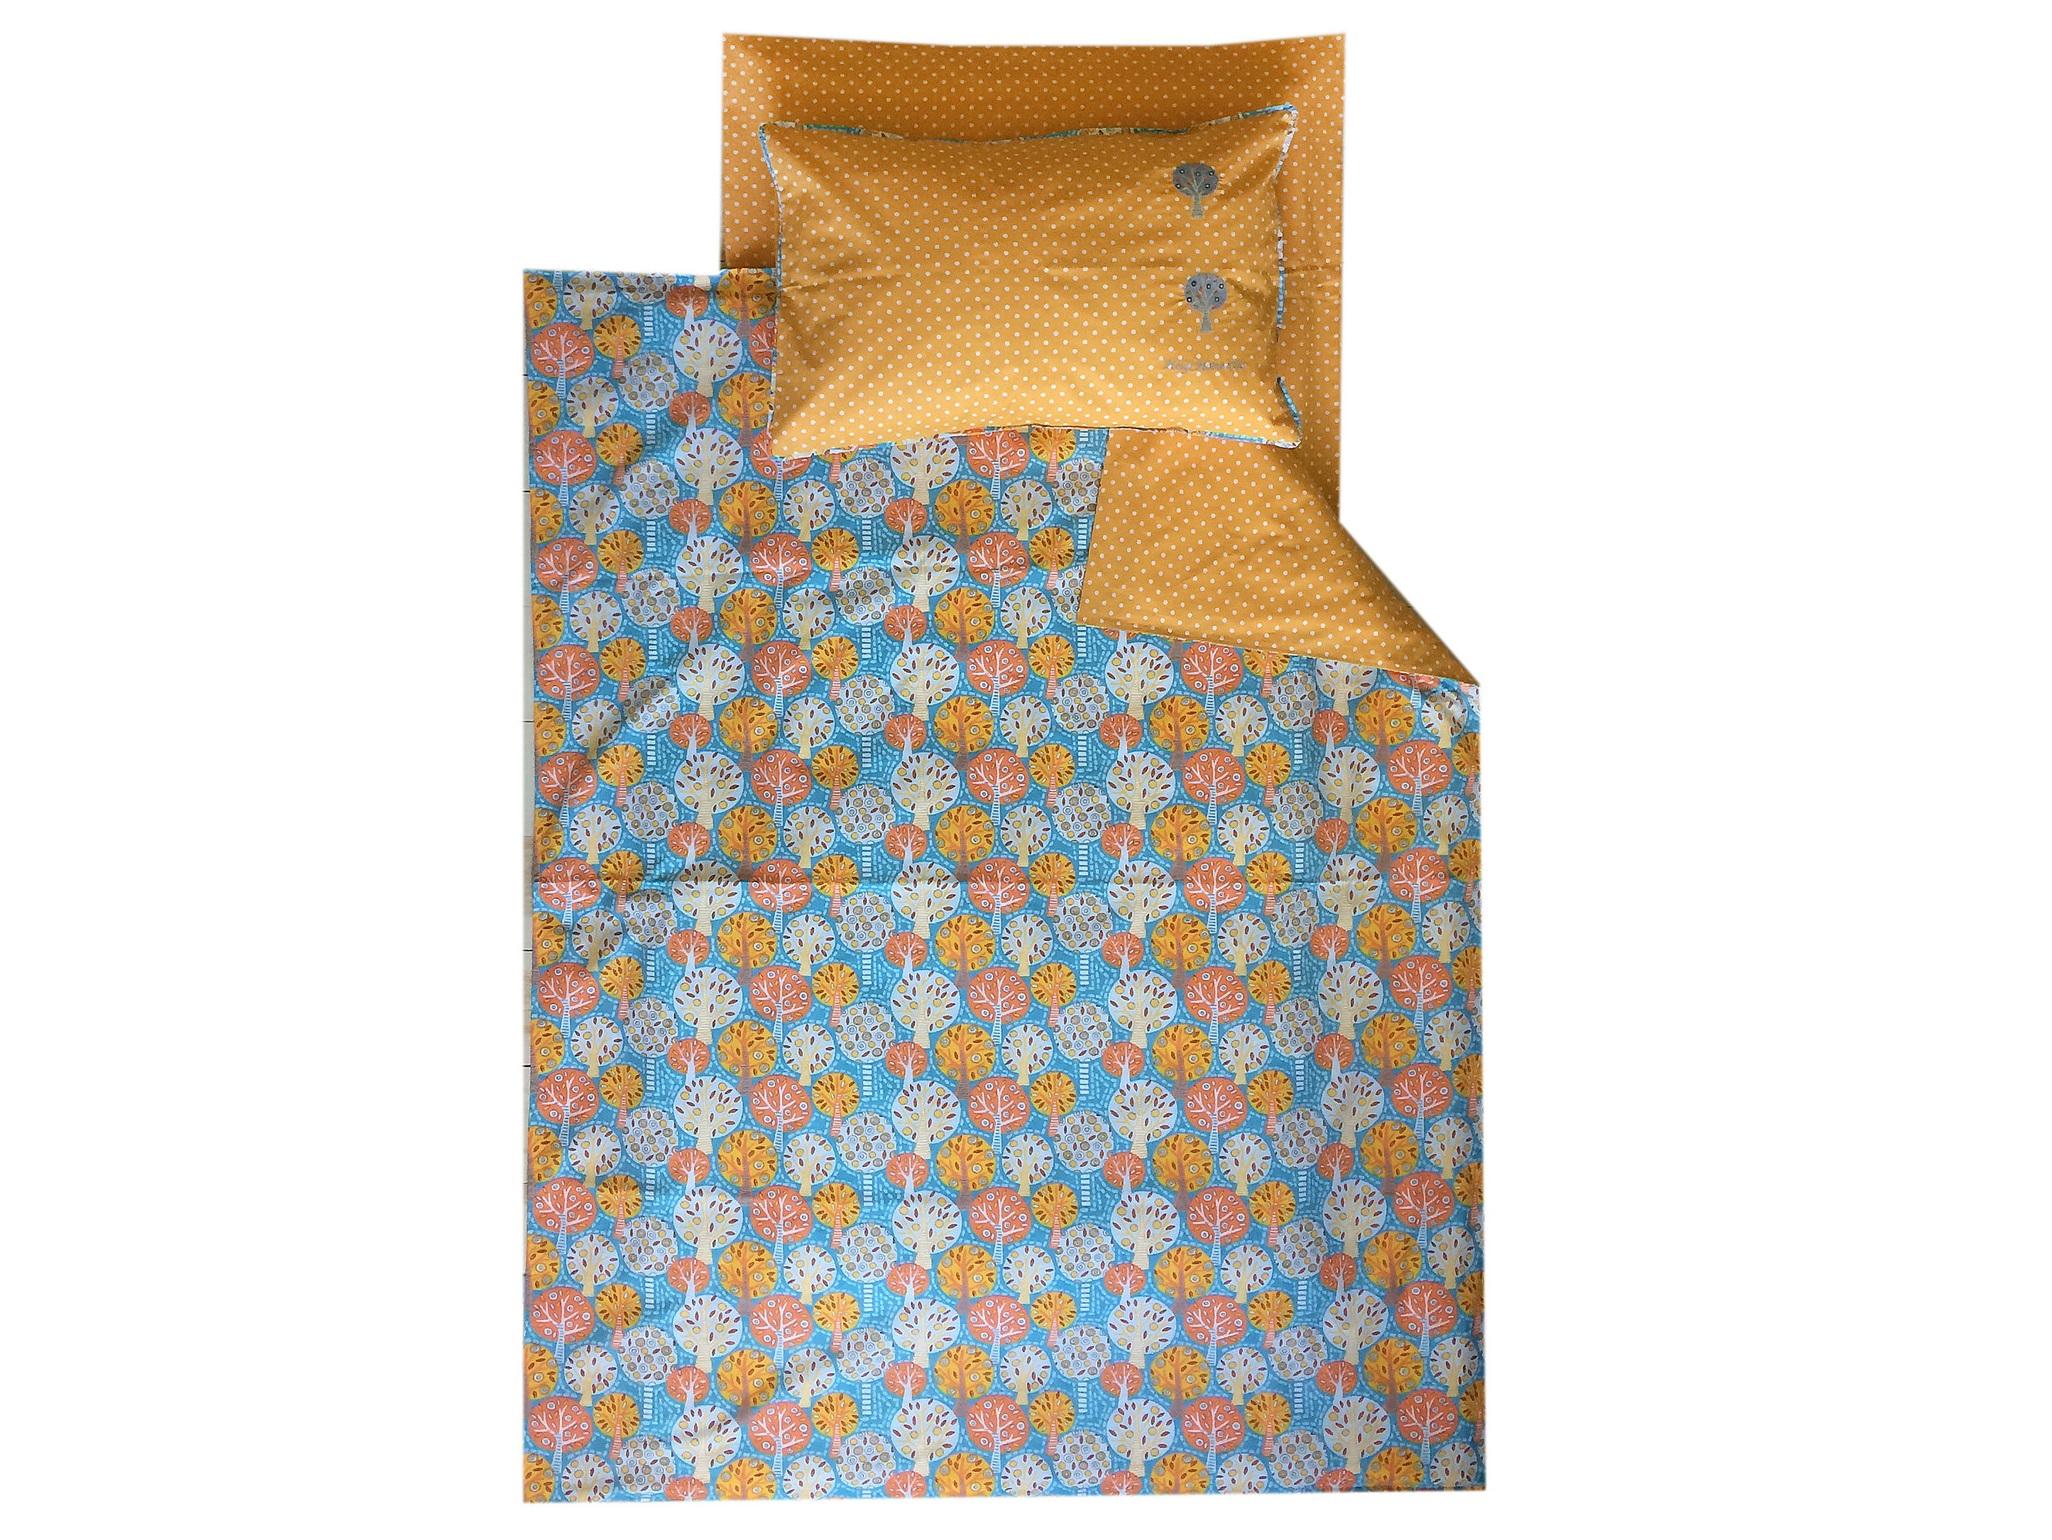 Комплект постельного белья Волшебный лесДетское постельное белье<br>&amp;lt;div&amp;gt;КПБ (детский), Волшебный лес, разноцветный, голубой, полотняный, хлопок 100%,&amp;amp;nbsp;&amp;lt;/div&amp;gt;&amp;lt;div&amp;gt;&amp;lt;br&amp;gt;&amp;lt;/div&amp;gt;&amp;lt;div&amp;gt;Размеры:&amp;amp;nbsp;&amp;lt;/div&amp;gt;&amp;lt;div&amp;gt;пододеяльник - 147х115;&amp;lt;/div&amp;gt;&amp;lt;div&amp;gt;простынь - 150х120;&amp;lt;/div&amp;gt;&amp;lt;div&amp;gt;наволочка - 40х60.&amp;lt;/div&amp;gt;<br><br>Material: Хлопок<br>Length см: None<br>Width см: 115<br>Depth см: 147<br>Height см: None